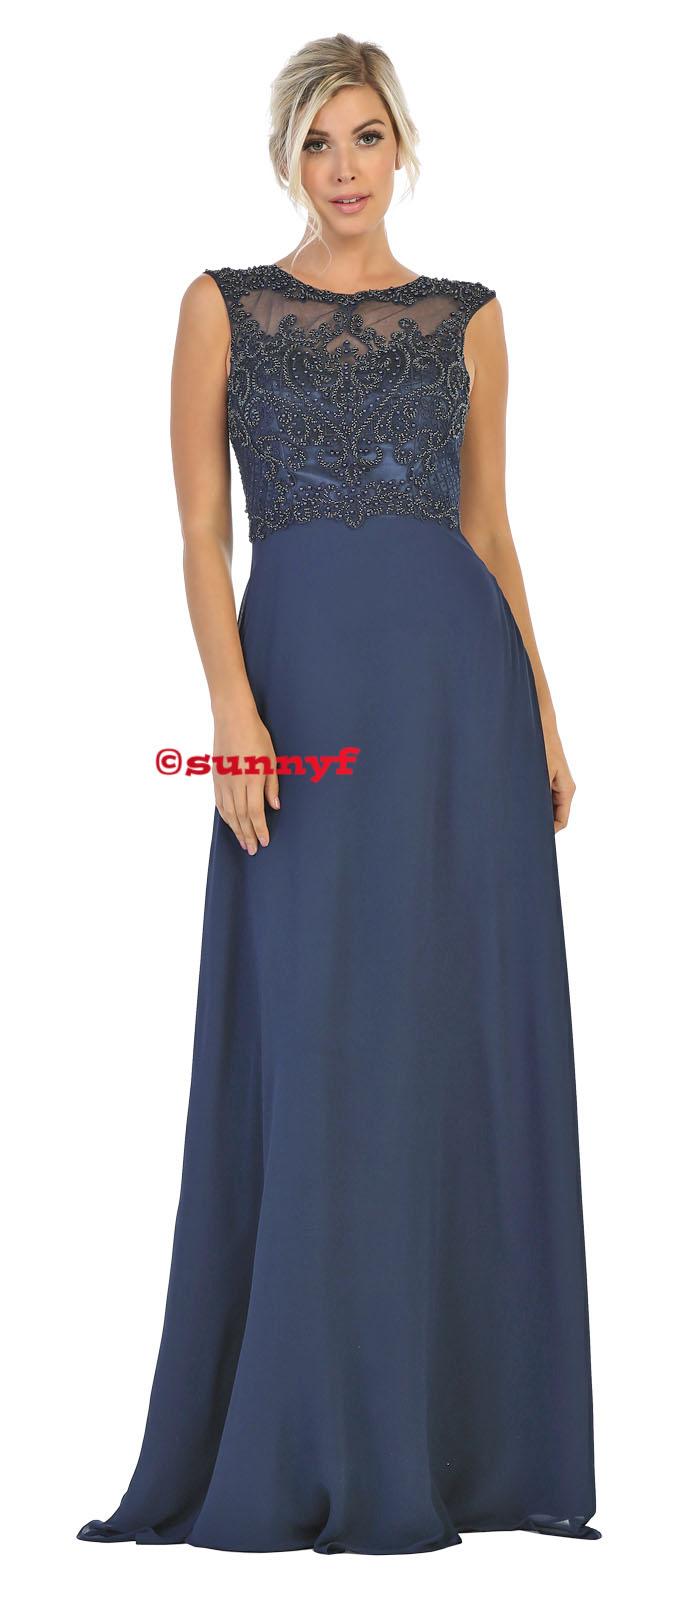 Abendkleid vorn und hinten hochgeschlossen Spitze Chiffon Perlenstickerei  ton-in-Ton dunkelblaue Kleider